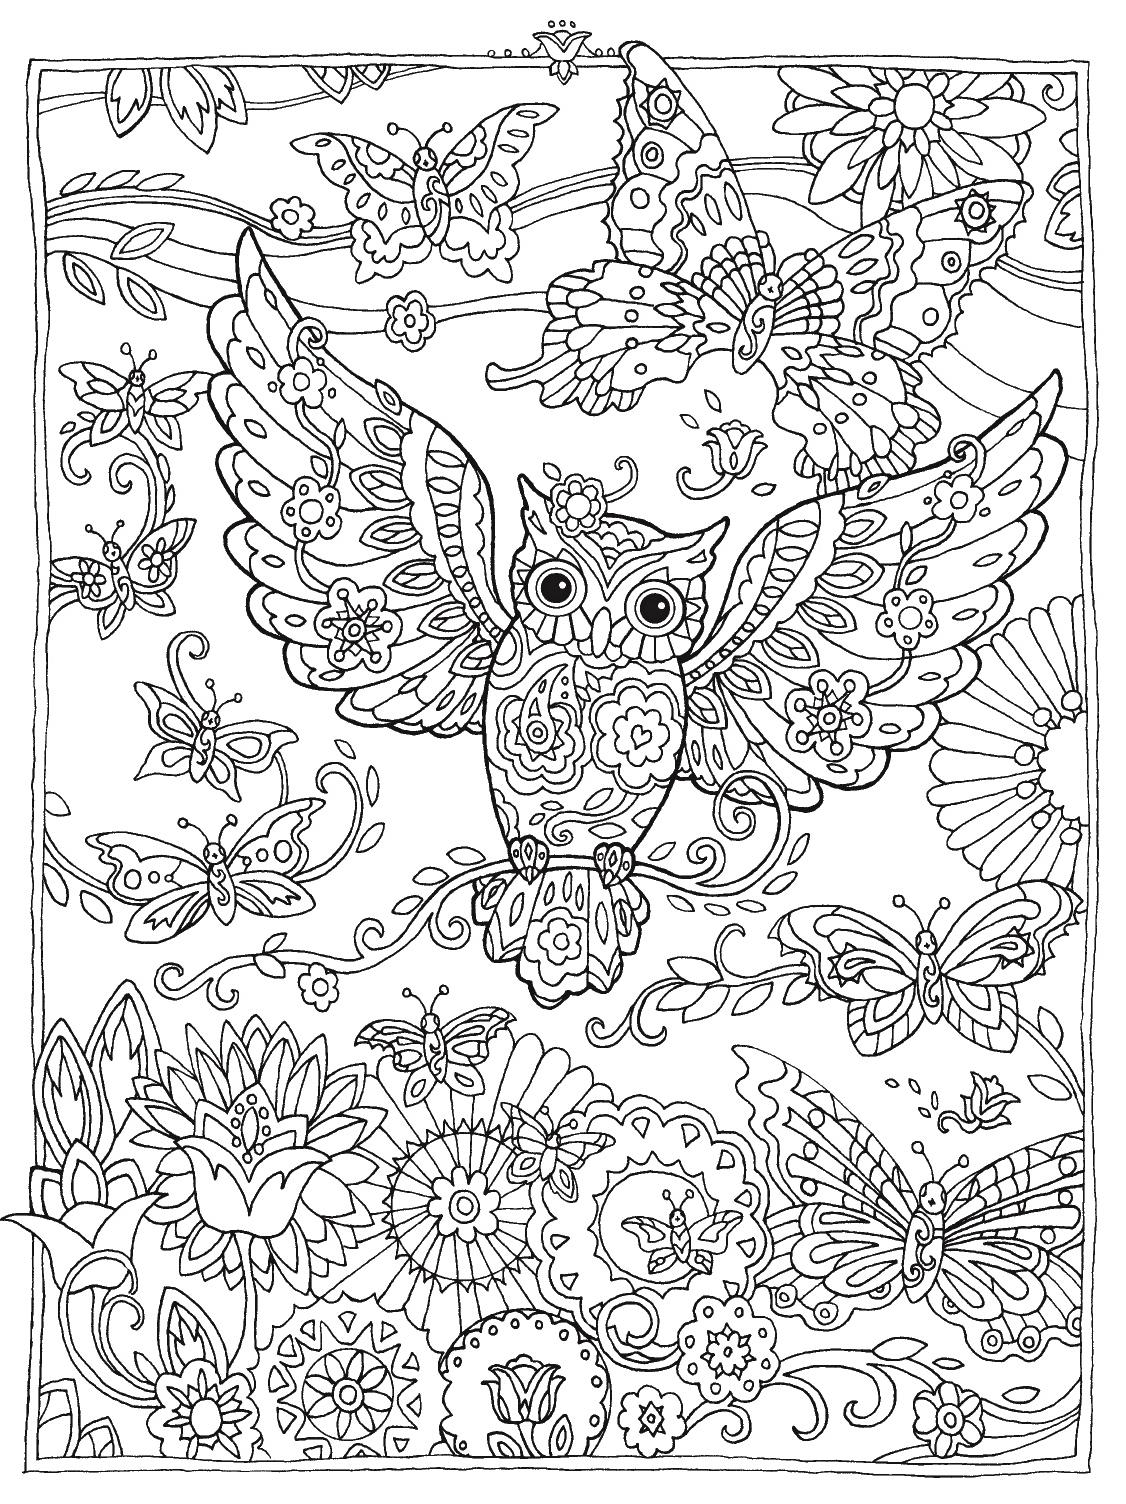 owl-mandala-bird-coloring-sheet